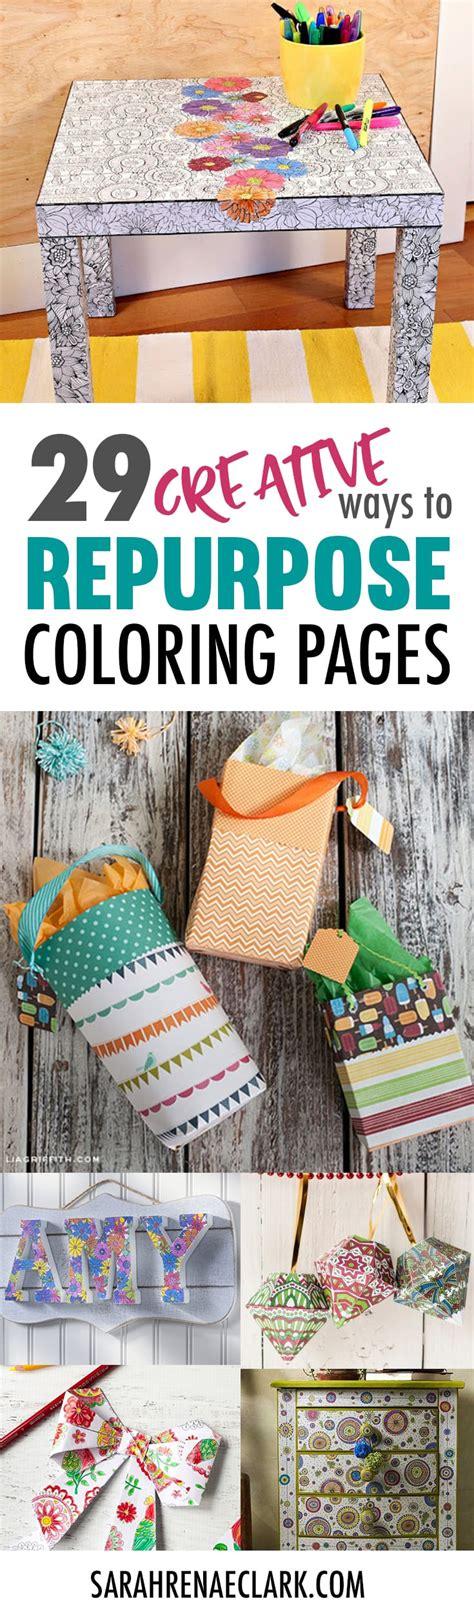 creative ways  repurpose coloring pages sarah renae clark coloring book artist  designer